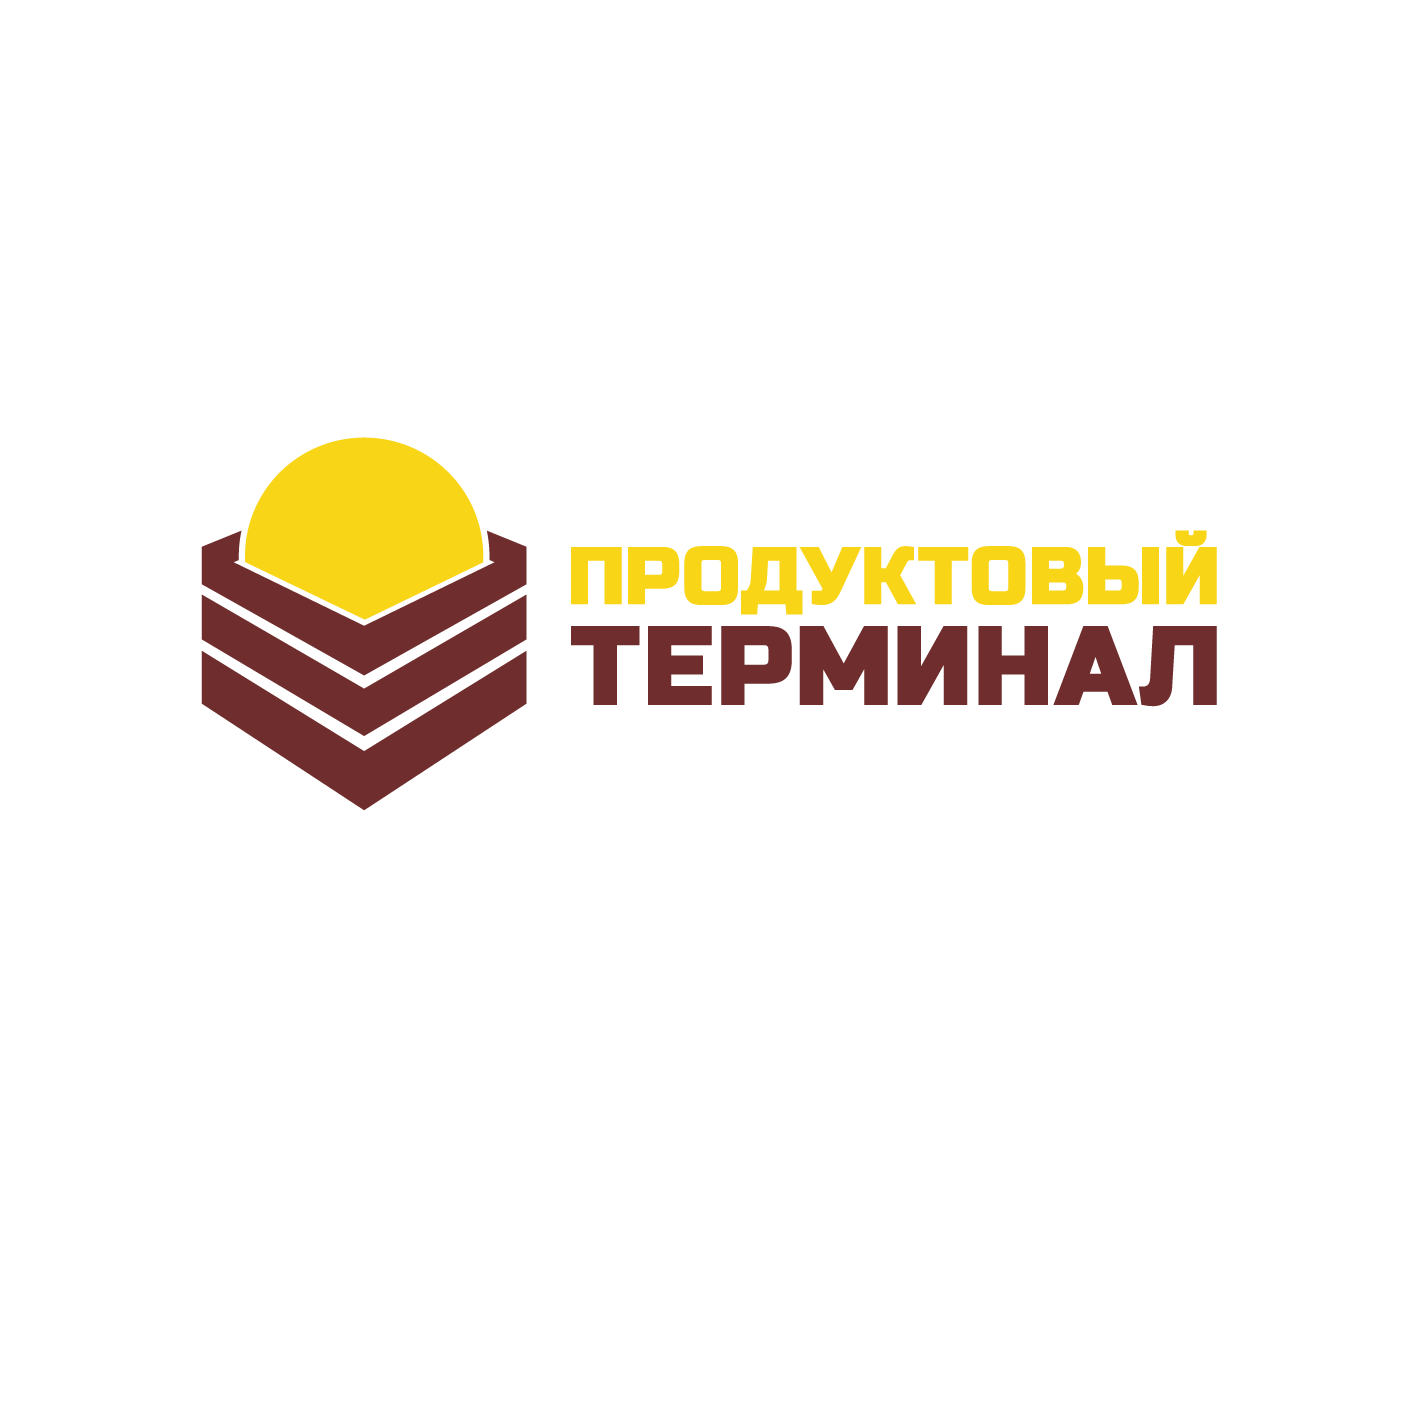 Логотип для сети продуктовых магазинов фото f_81456f91b2b491b5.png